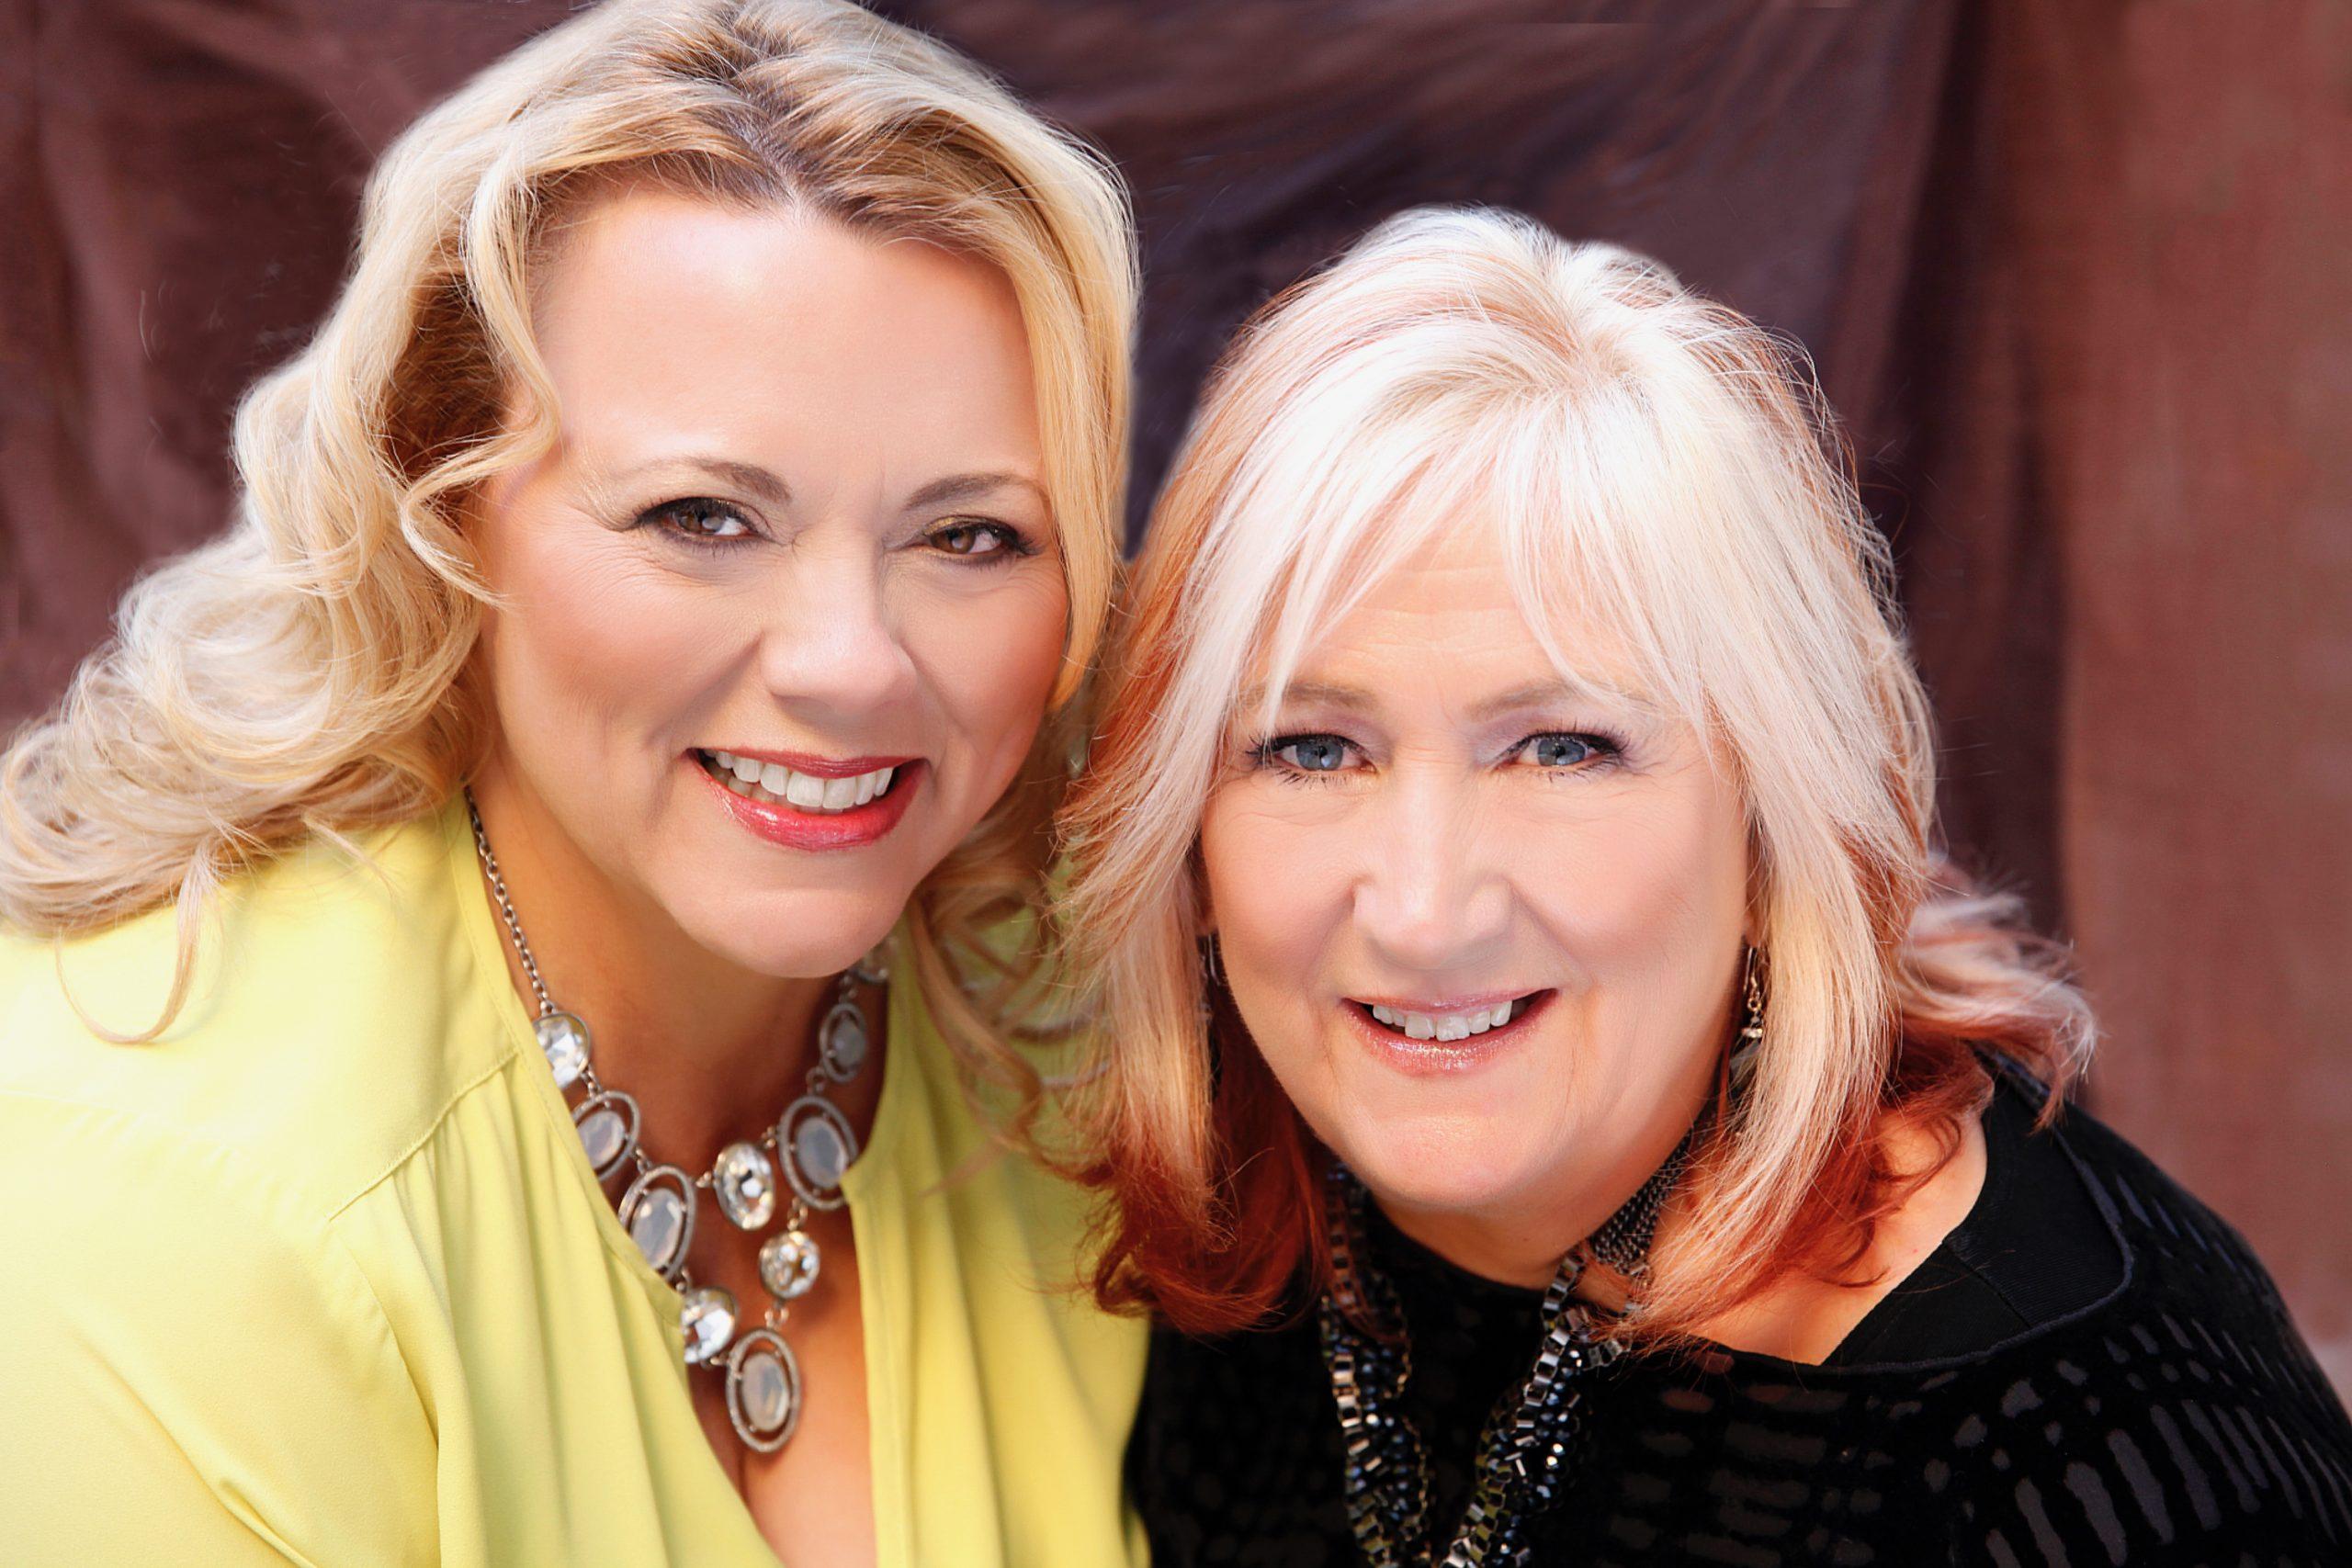 Michele and Belanie